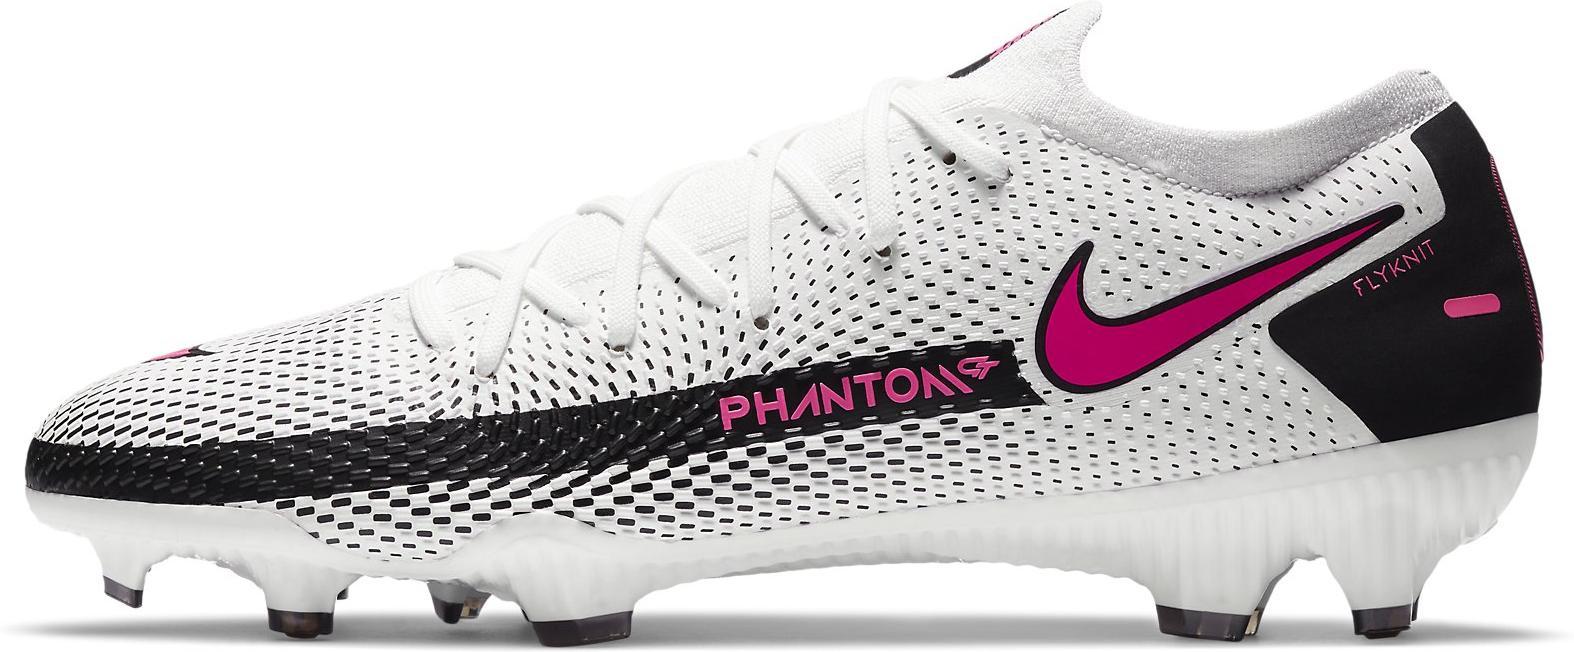 Kopačky Nike PHANTOM GT PRO FG bílá